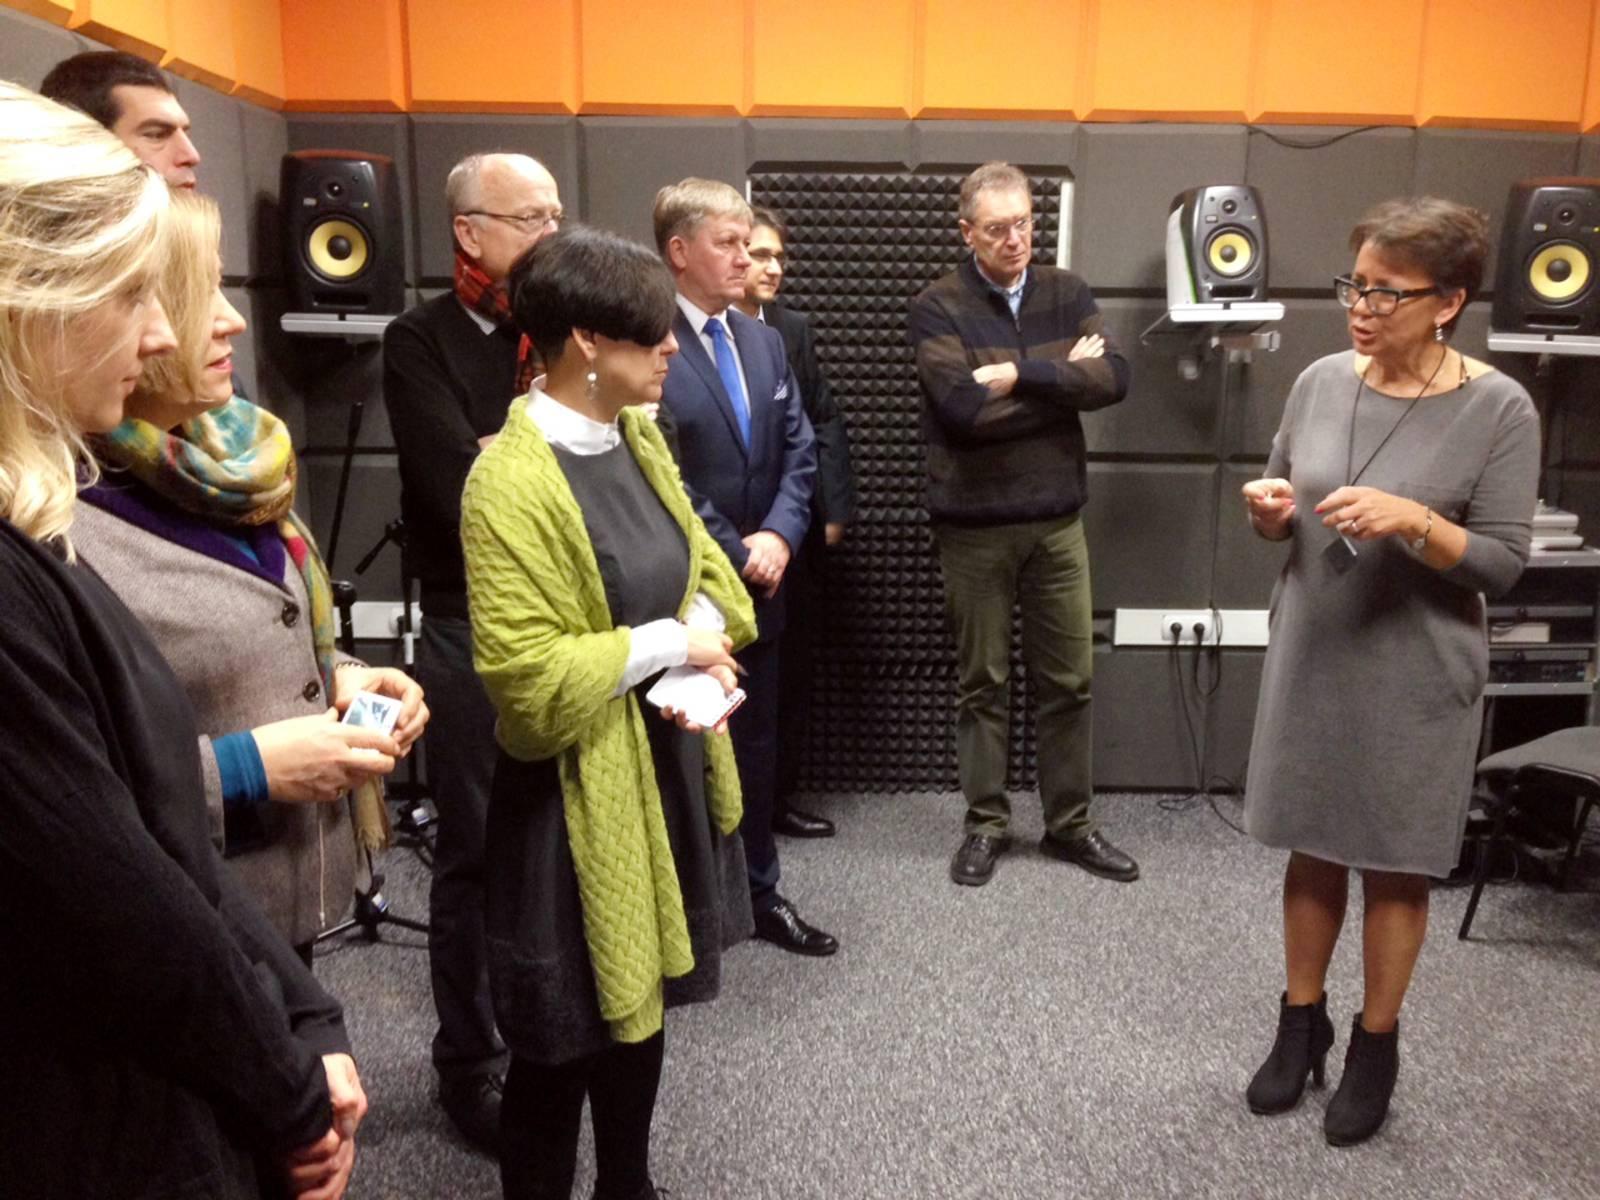 Mitgliedern der Delegation wird das Hörstudio erklärt, in dem sehbehinderte Kinder lernen, Geräusche zu erkennen und zu identifizieren.